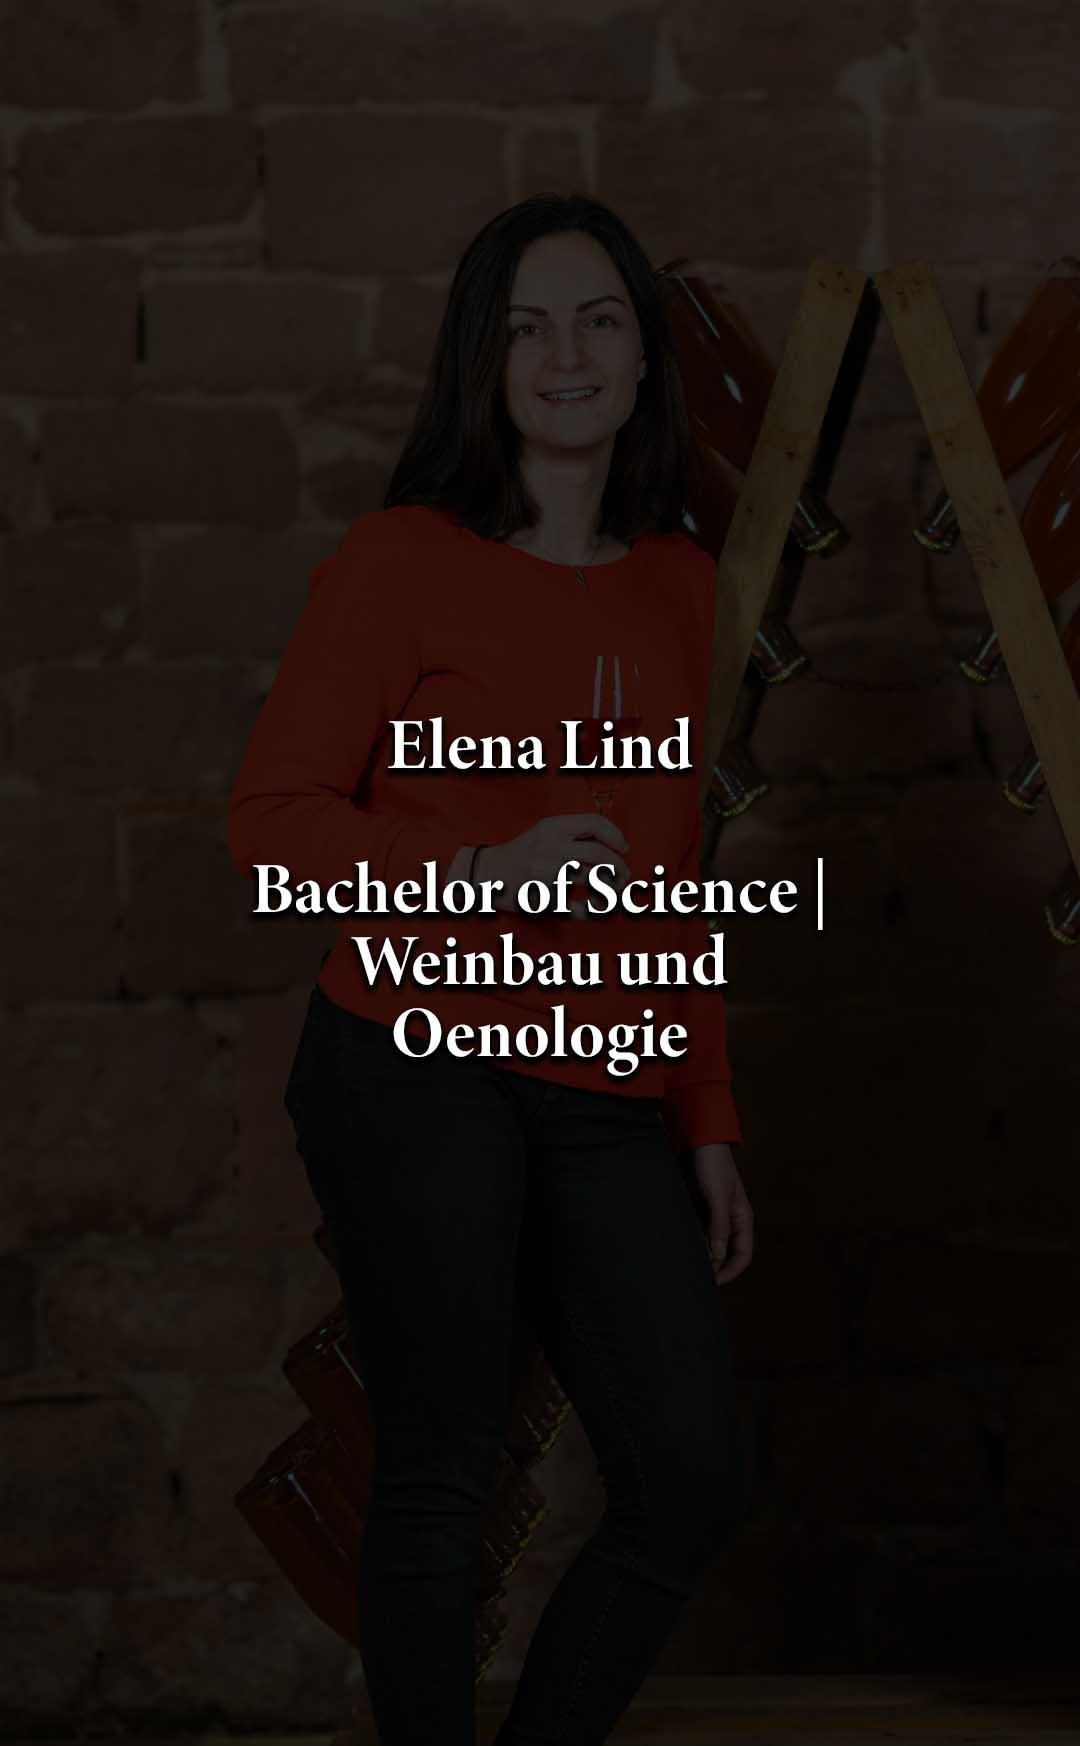 Elena_schwarz1